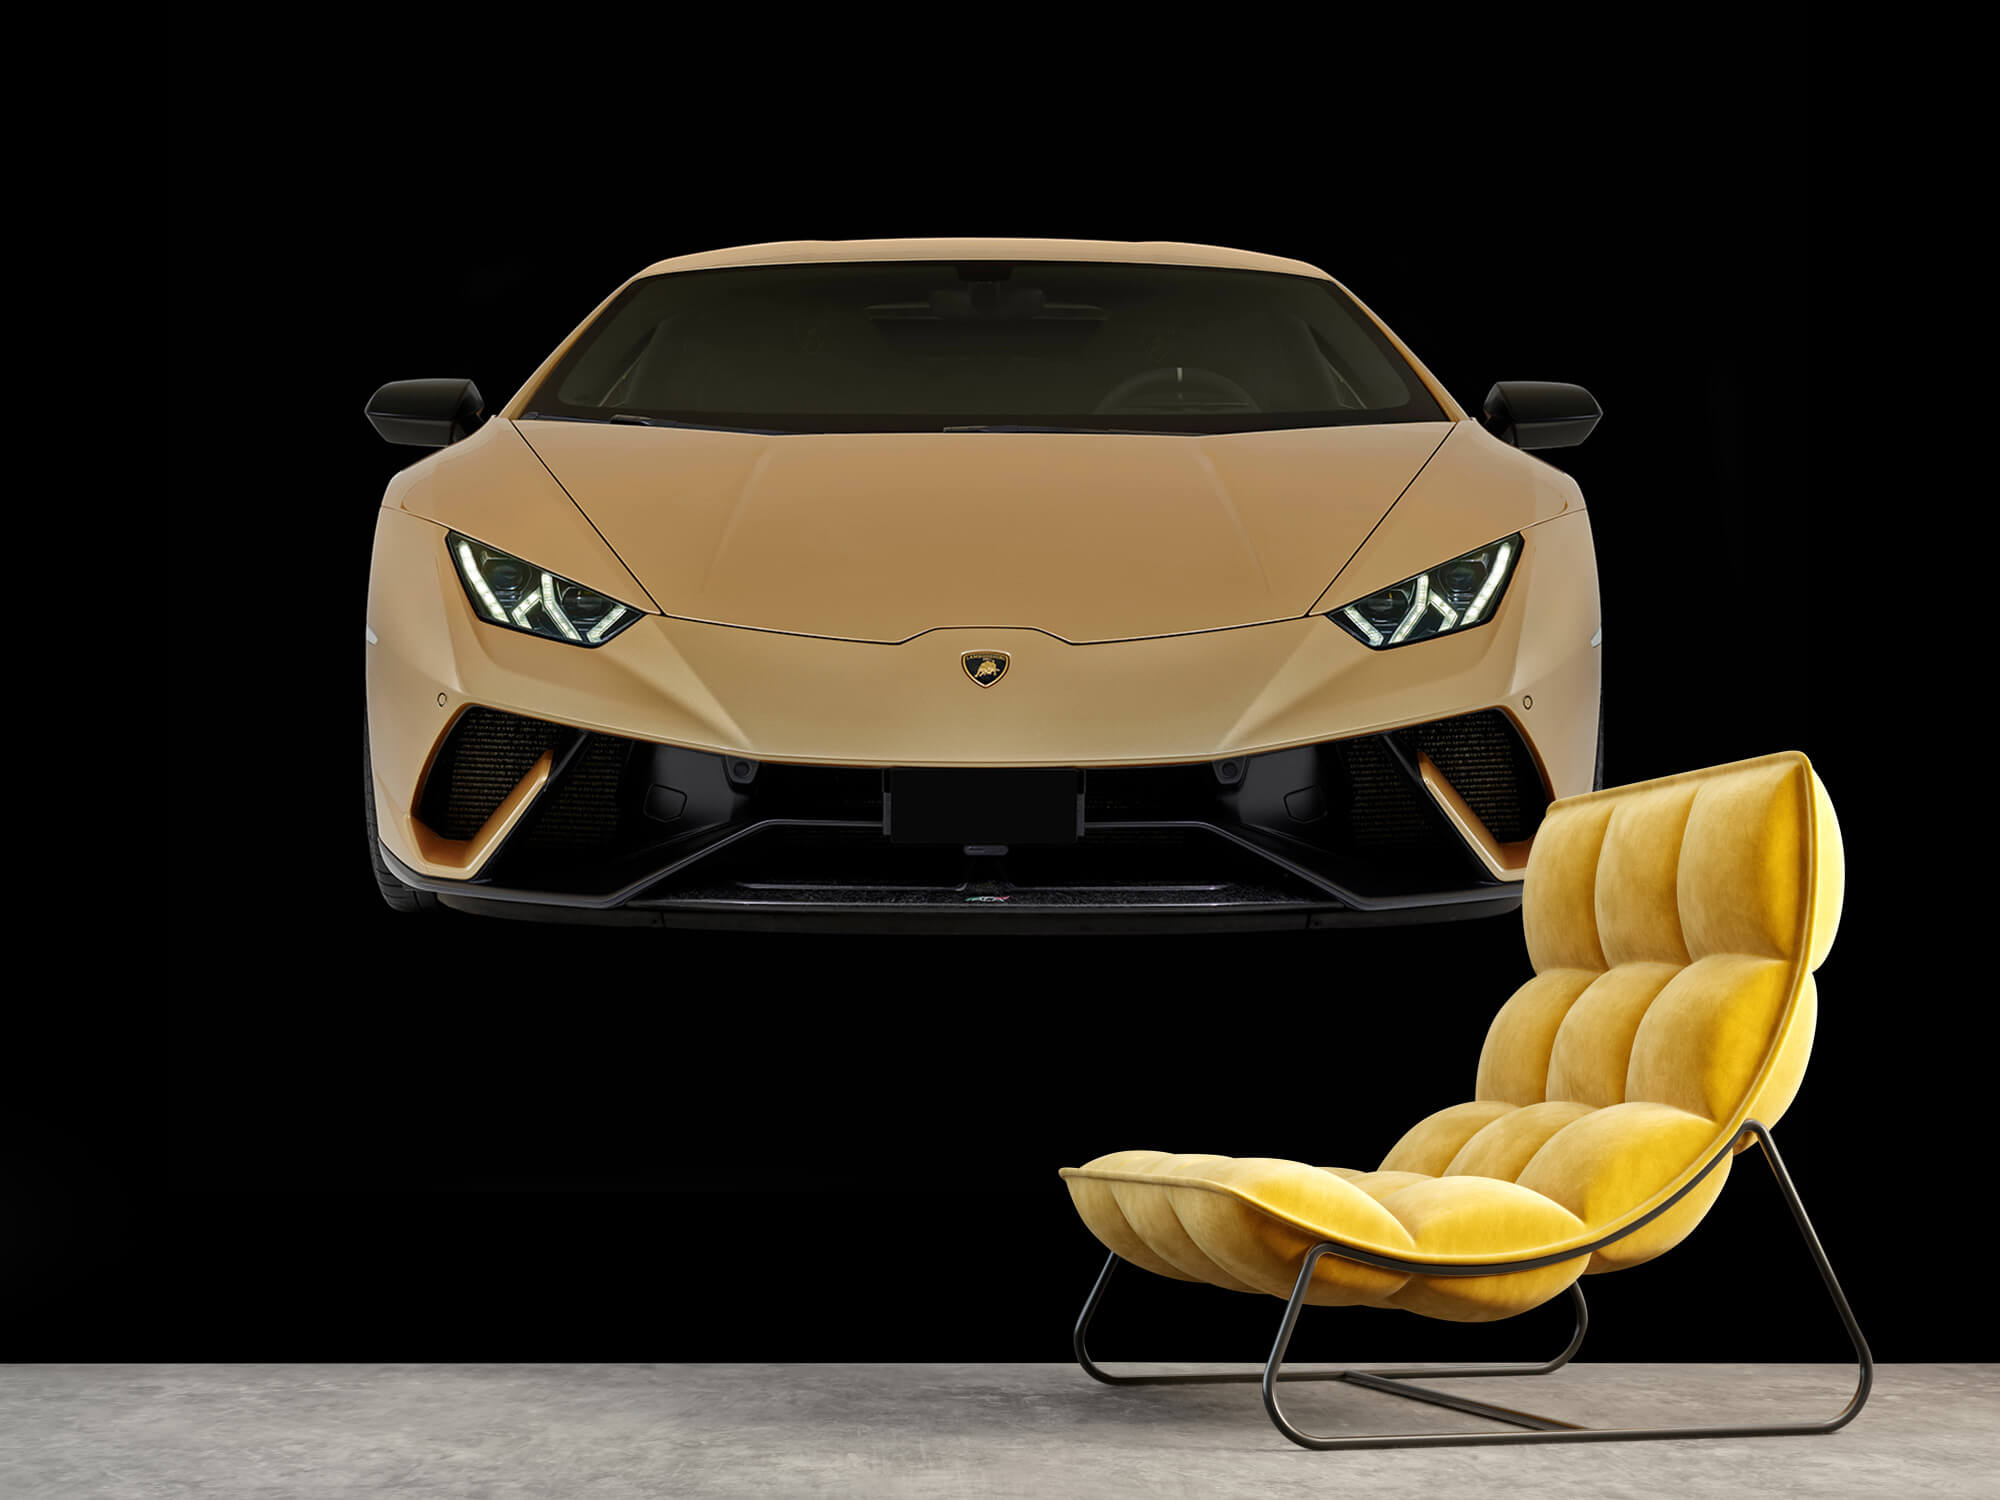 Wallpaper Lamborghini Huracán - Fram, svart 4